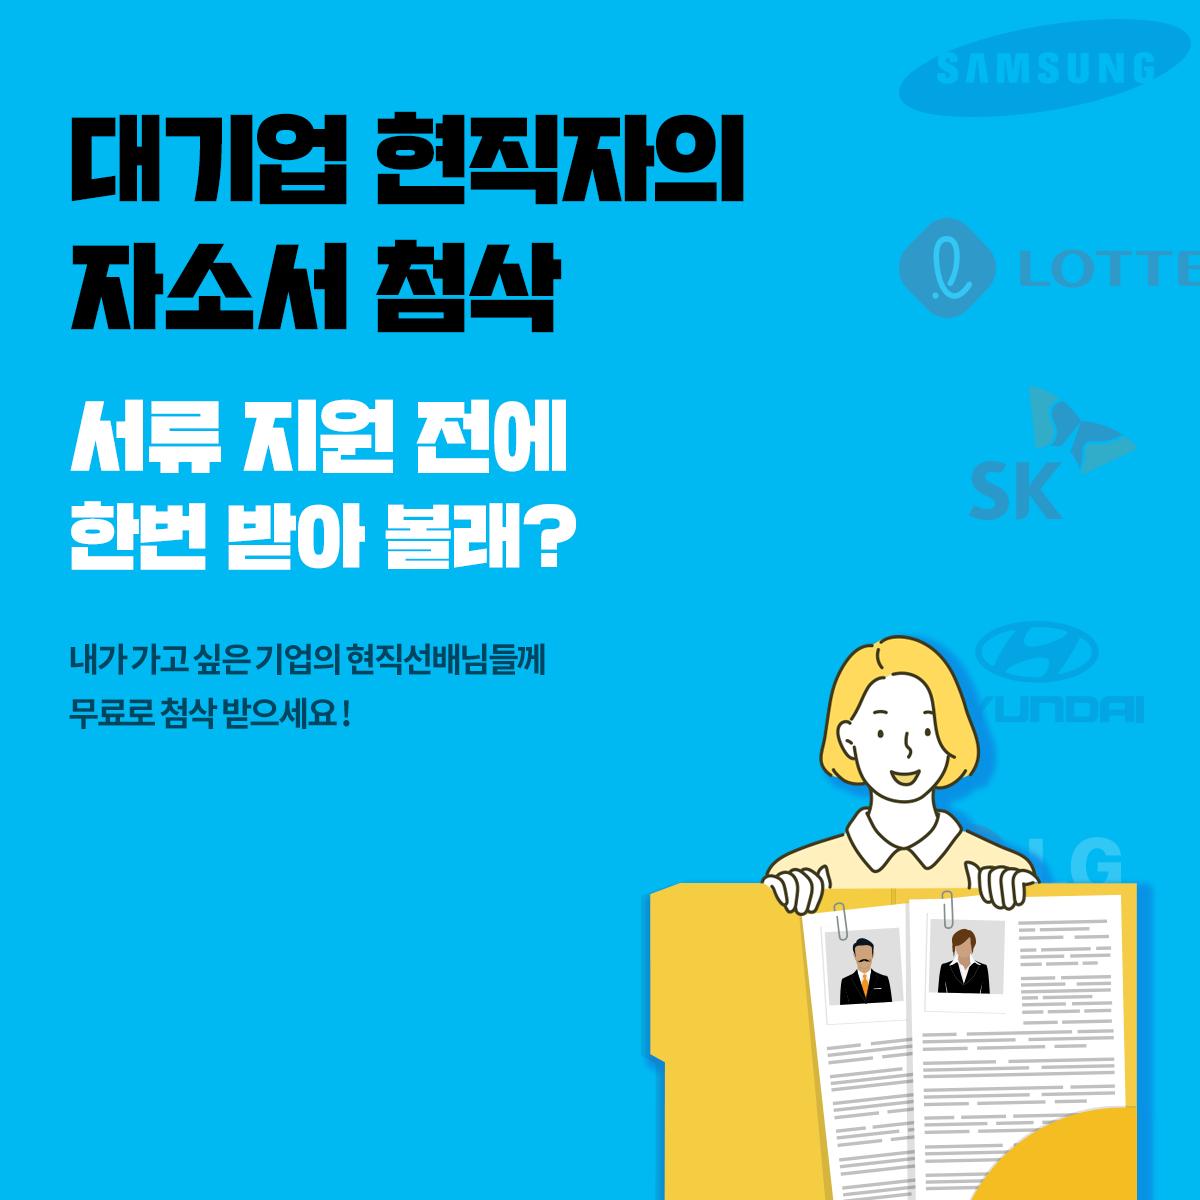 [커넥츠] 대기업 현직자에게 직접 받는 자기소개서 첨삭 Event!